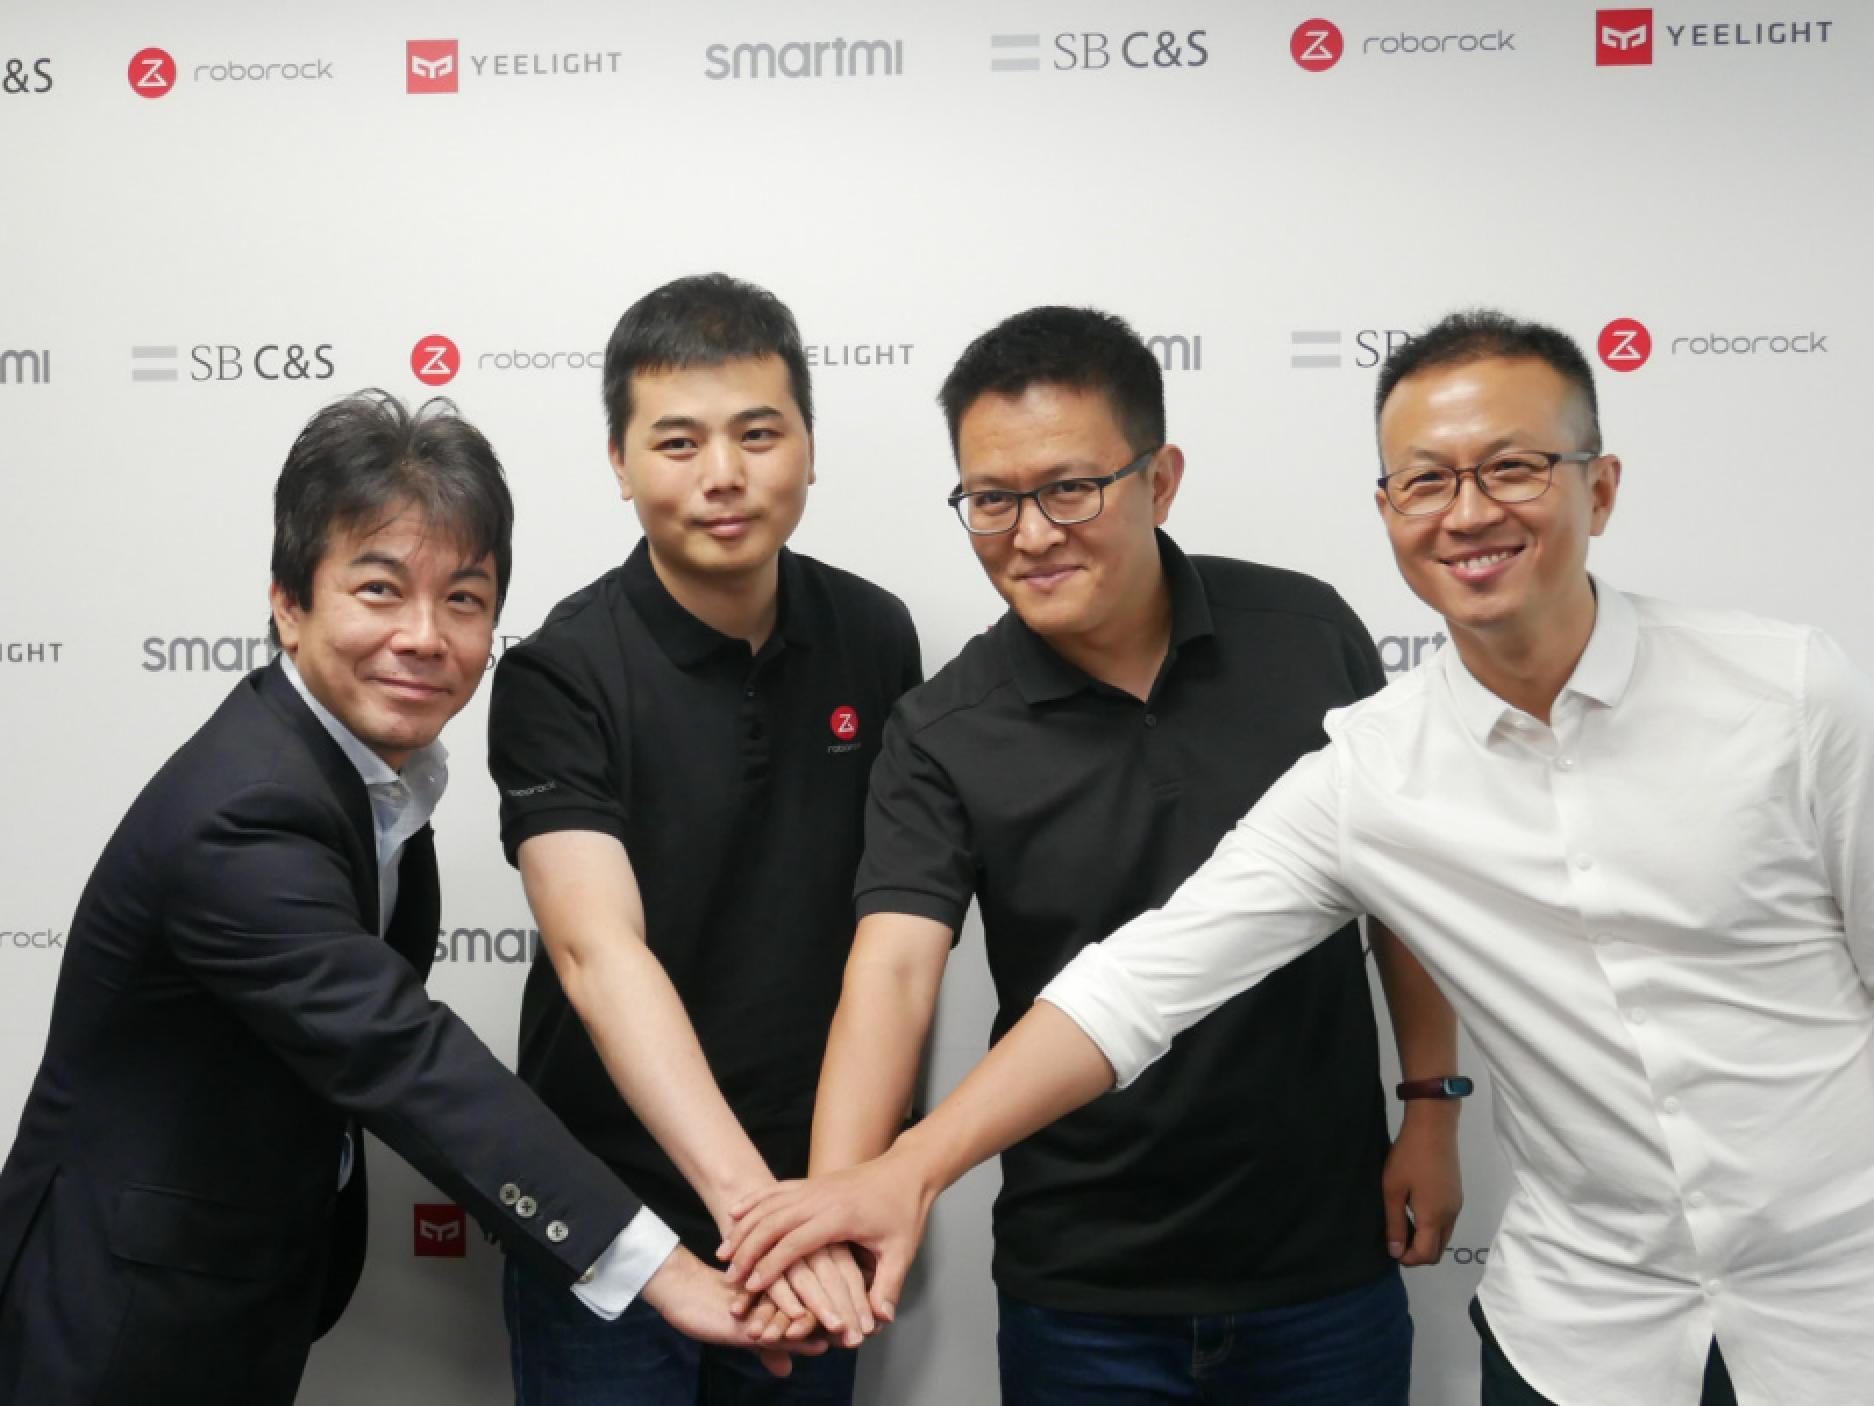 石头科技和日本软银达成合作发售RoborockS6